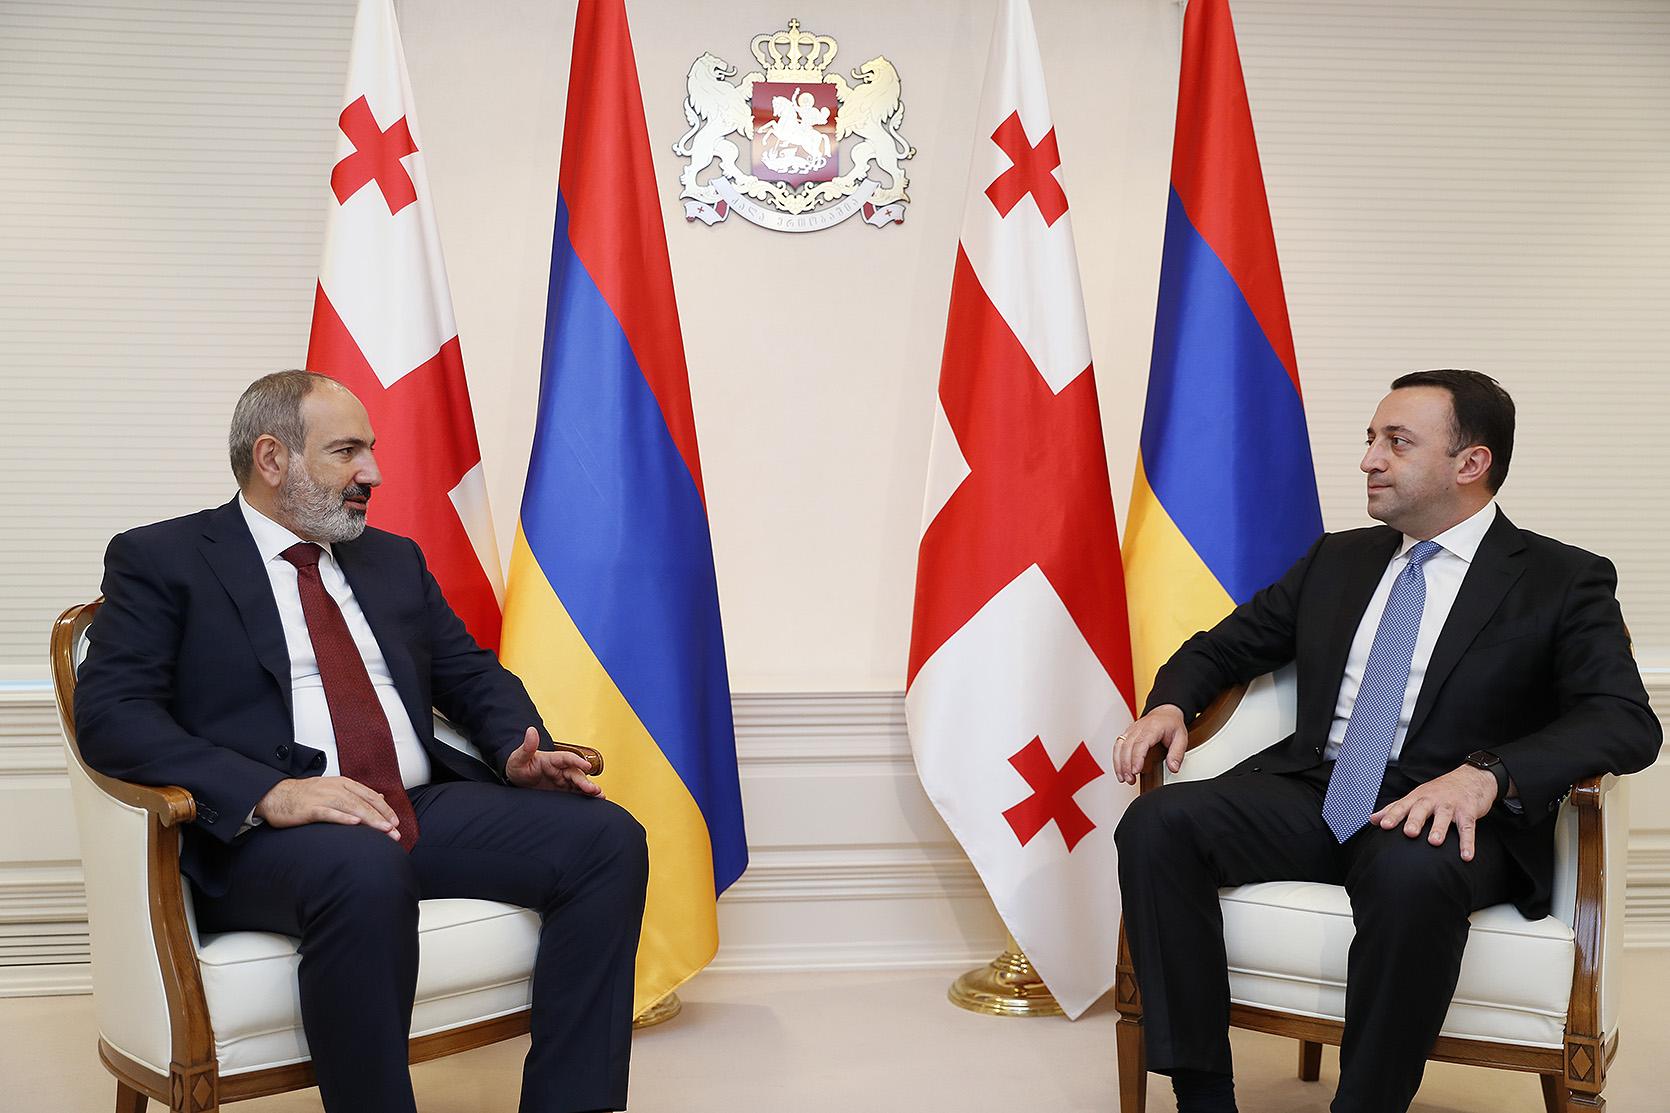 Между правительствами Армении и Грузии налажено эффективное сотрудничество: Никол Пашинян встретился с Ираклием Гарибашвили